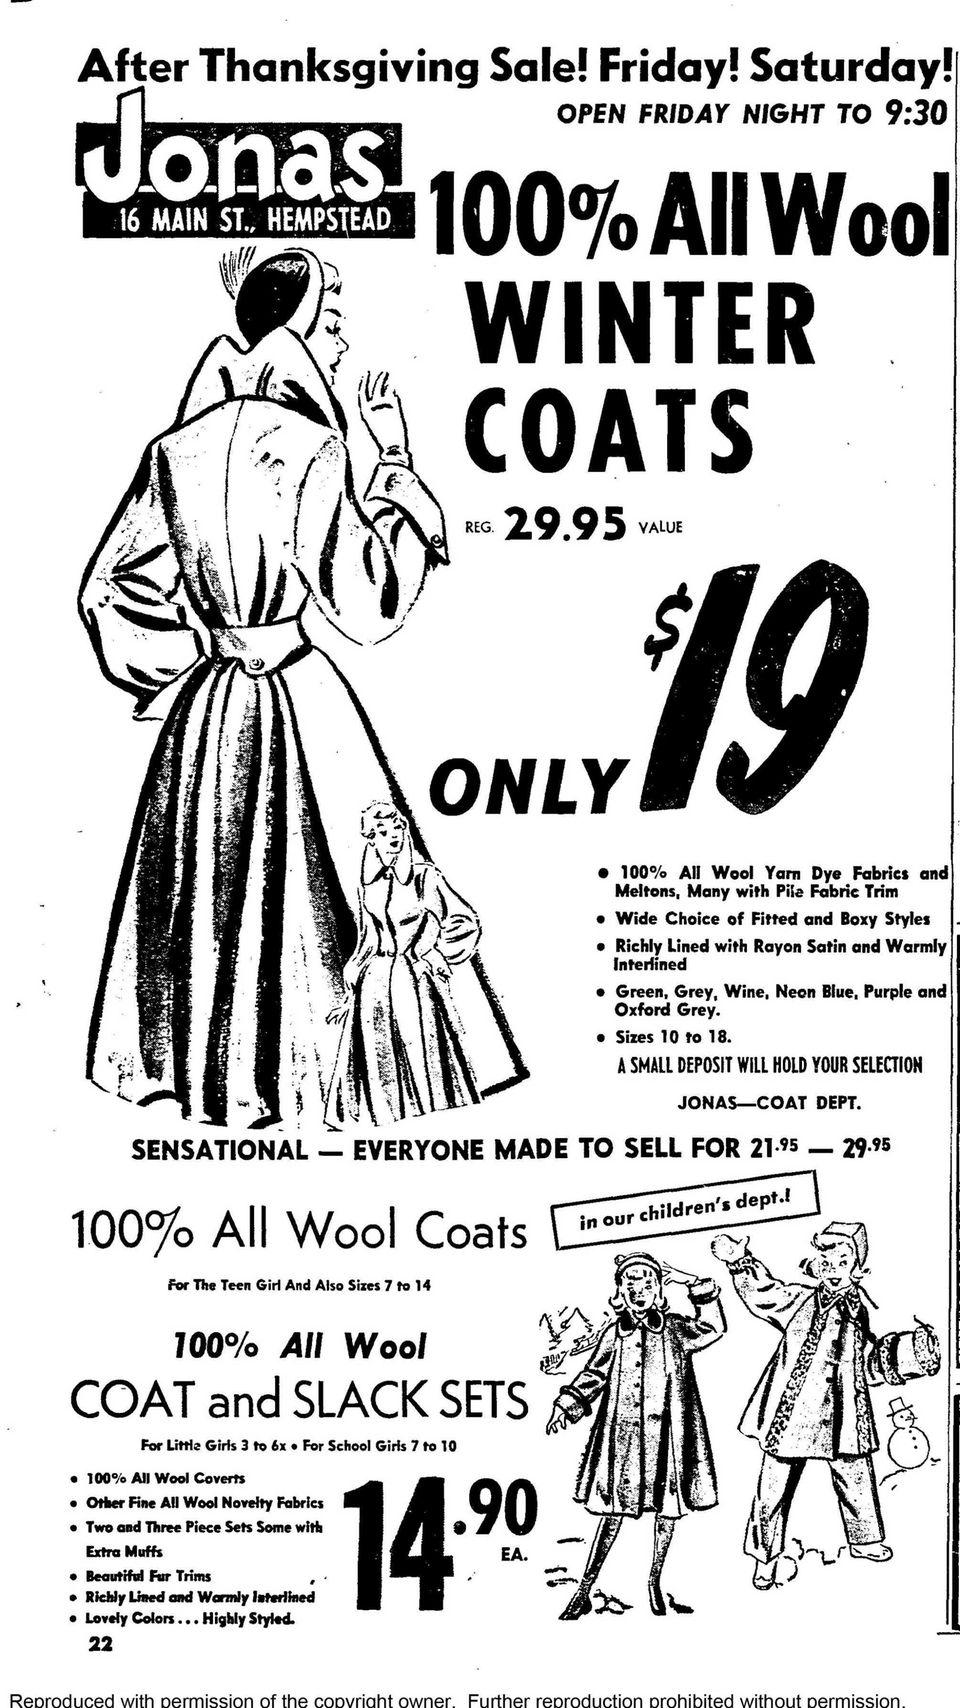 In 1951, the Jonas department store in Hempstead